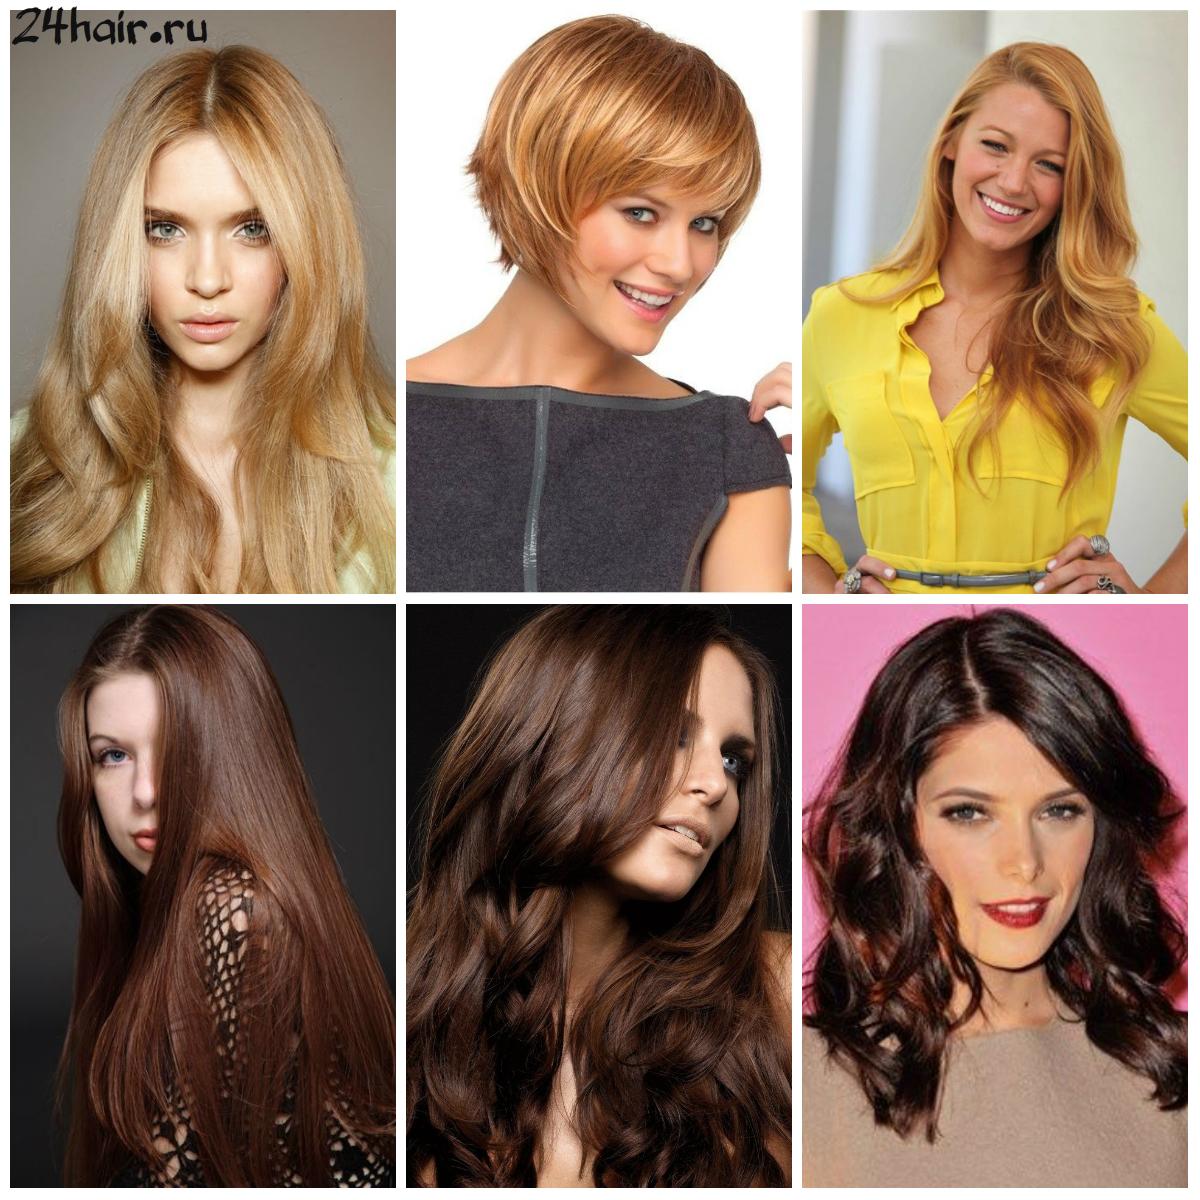 золотой и шоколадный оттенки волос